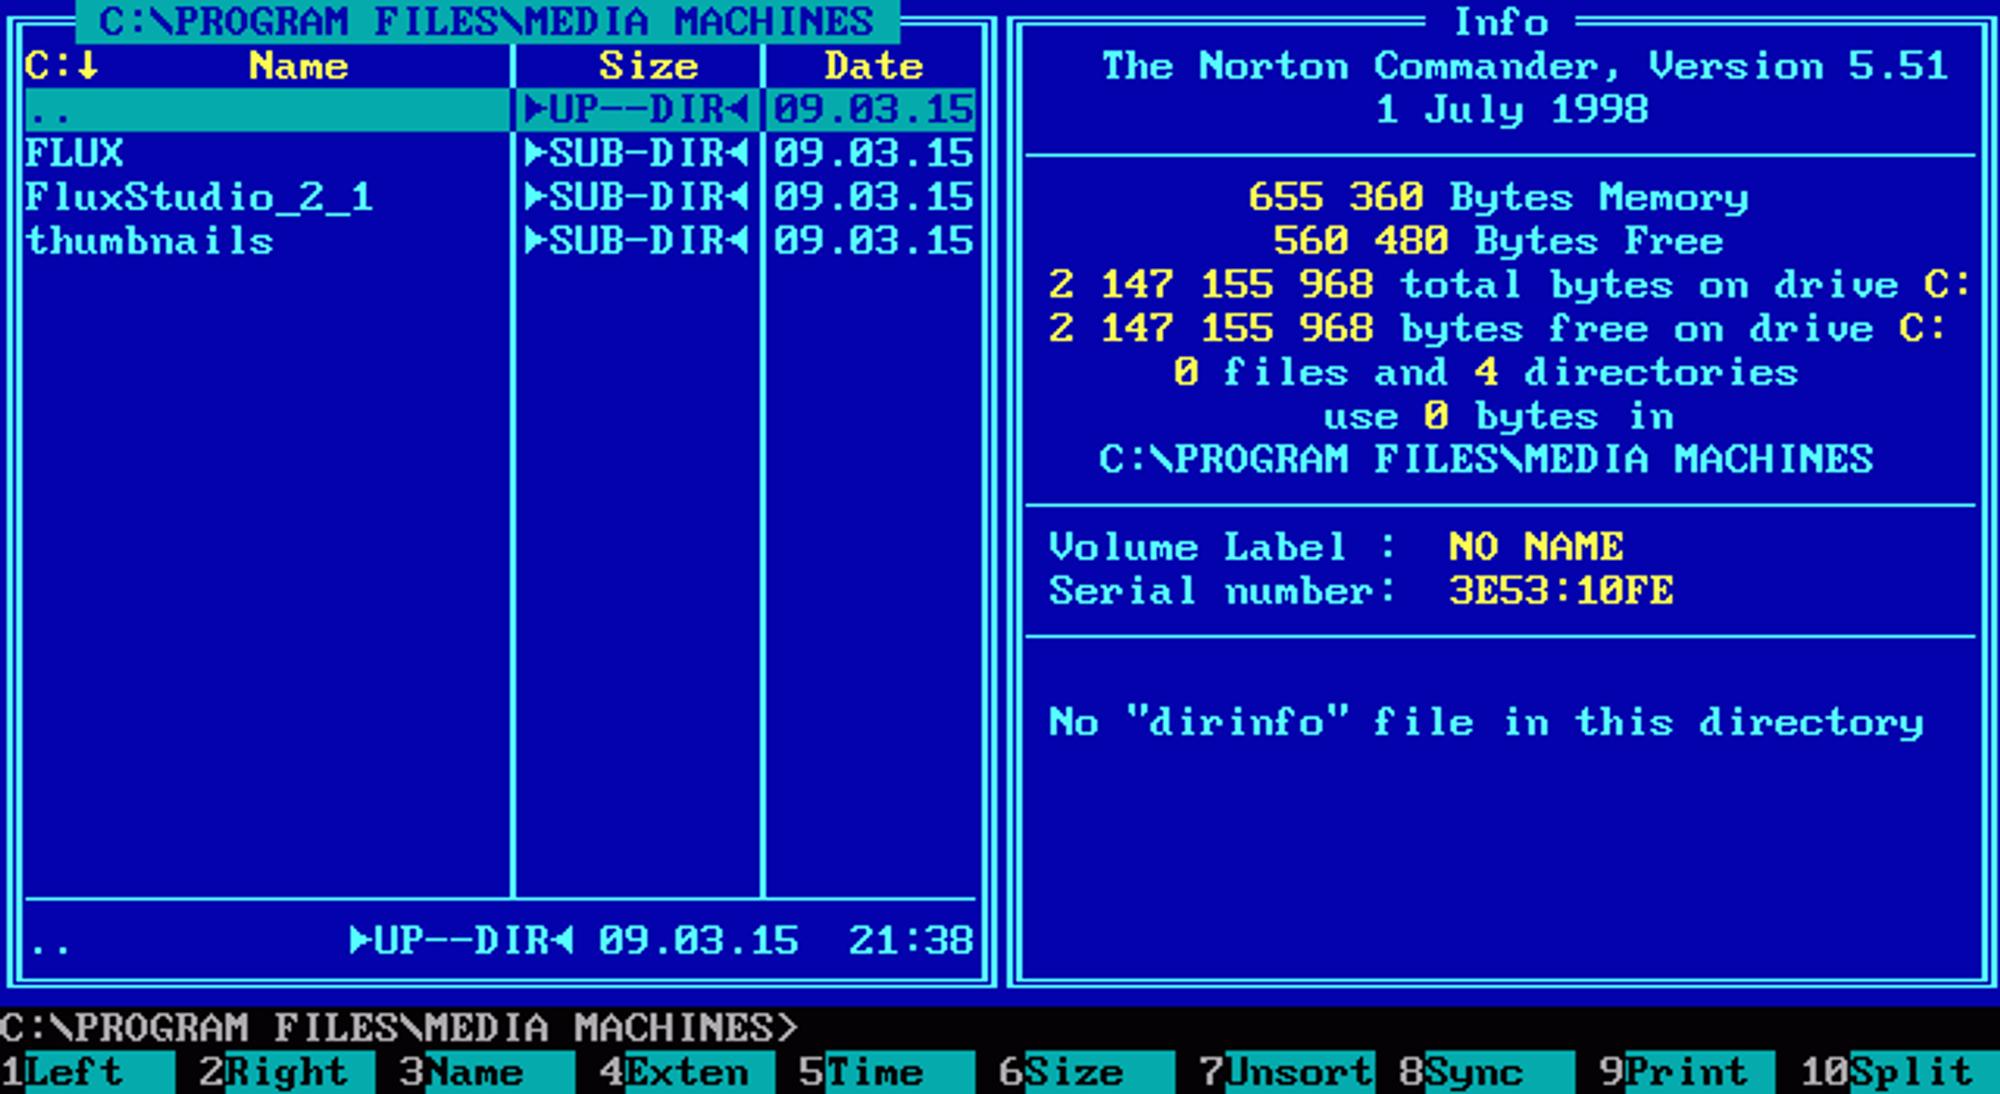 Norton Commander  v.5.51 var den siste utgaven av programvaren som ble utgitt til MS-DOS.